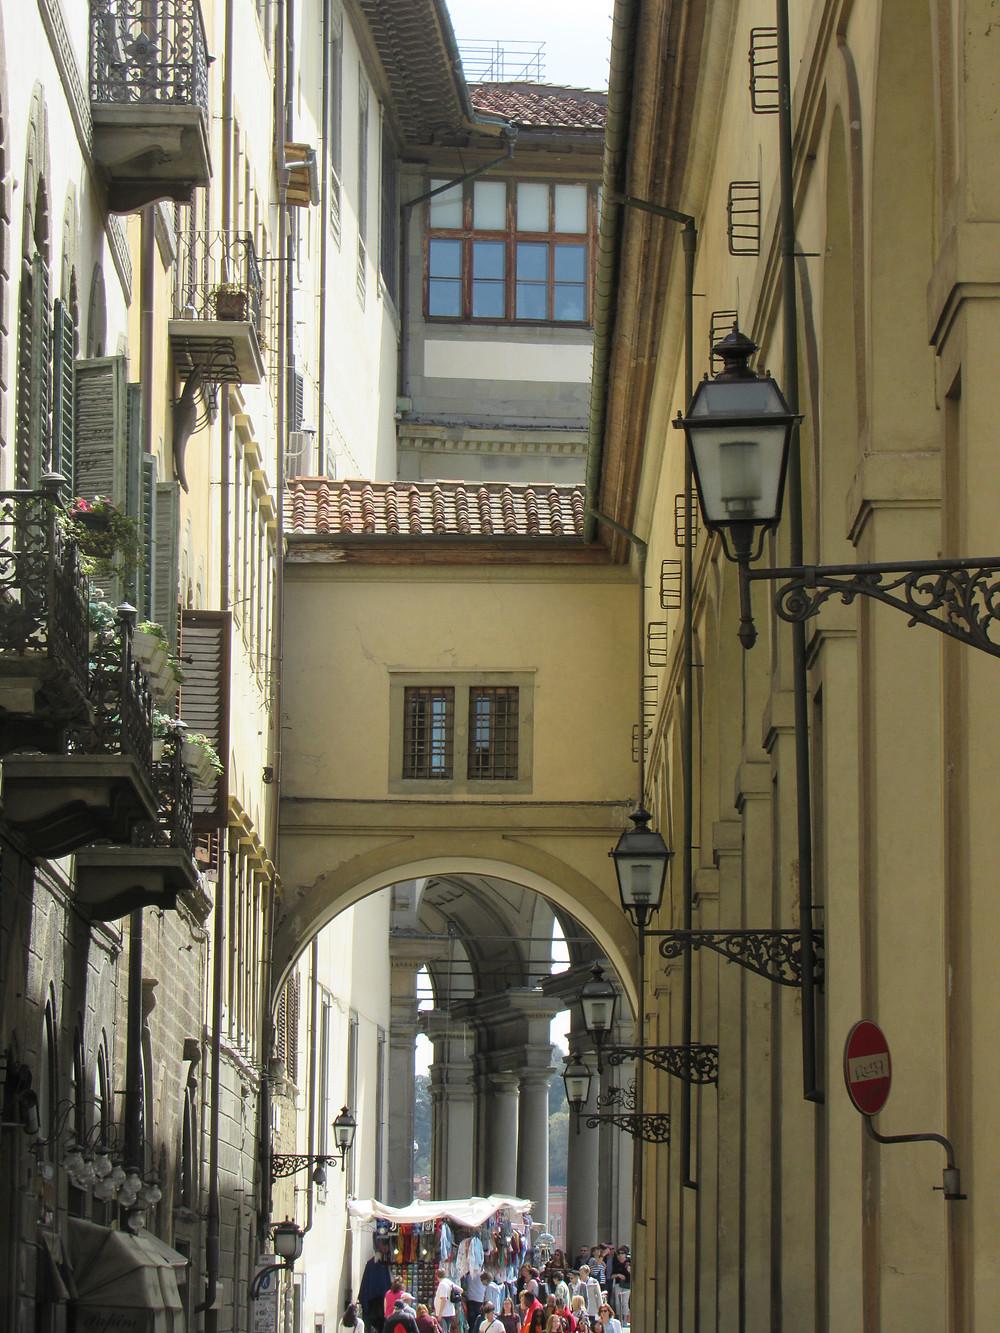 Vasarikorridor und im Hintergrund Arkaden der Uffizien